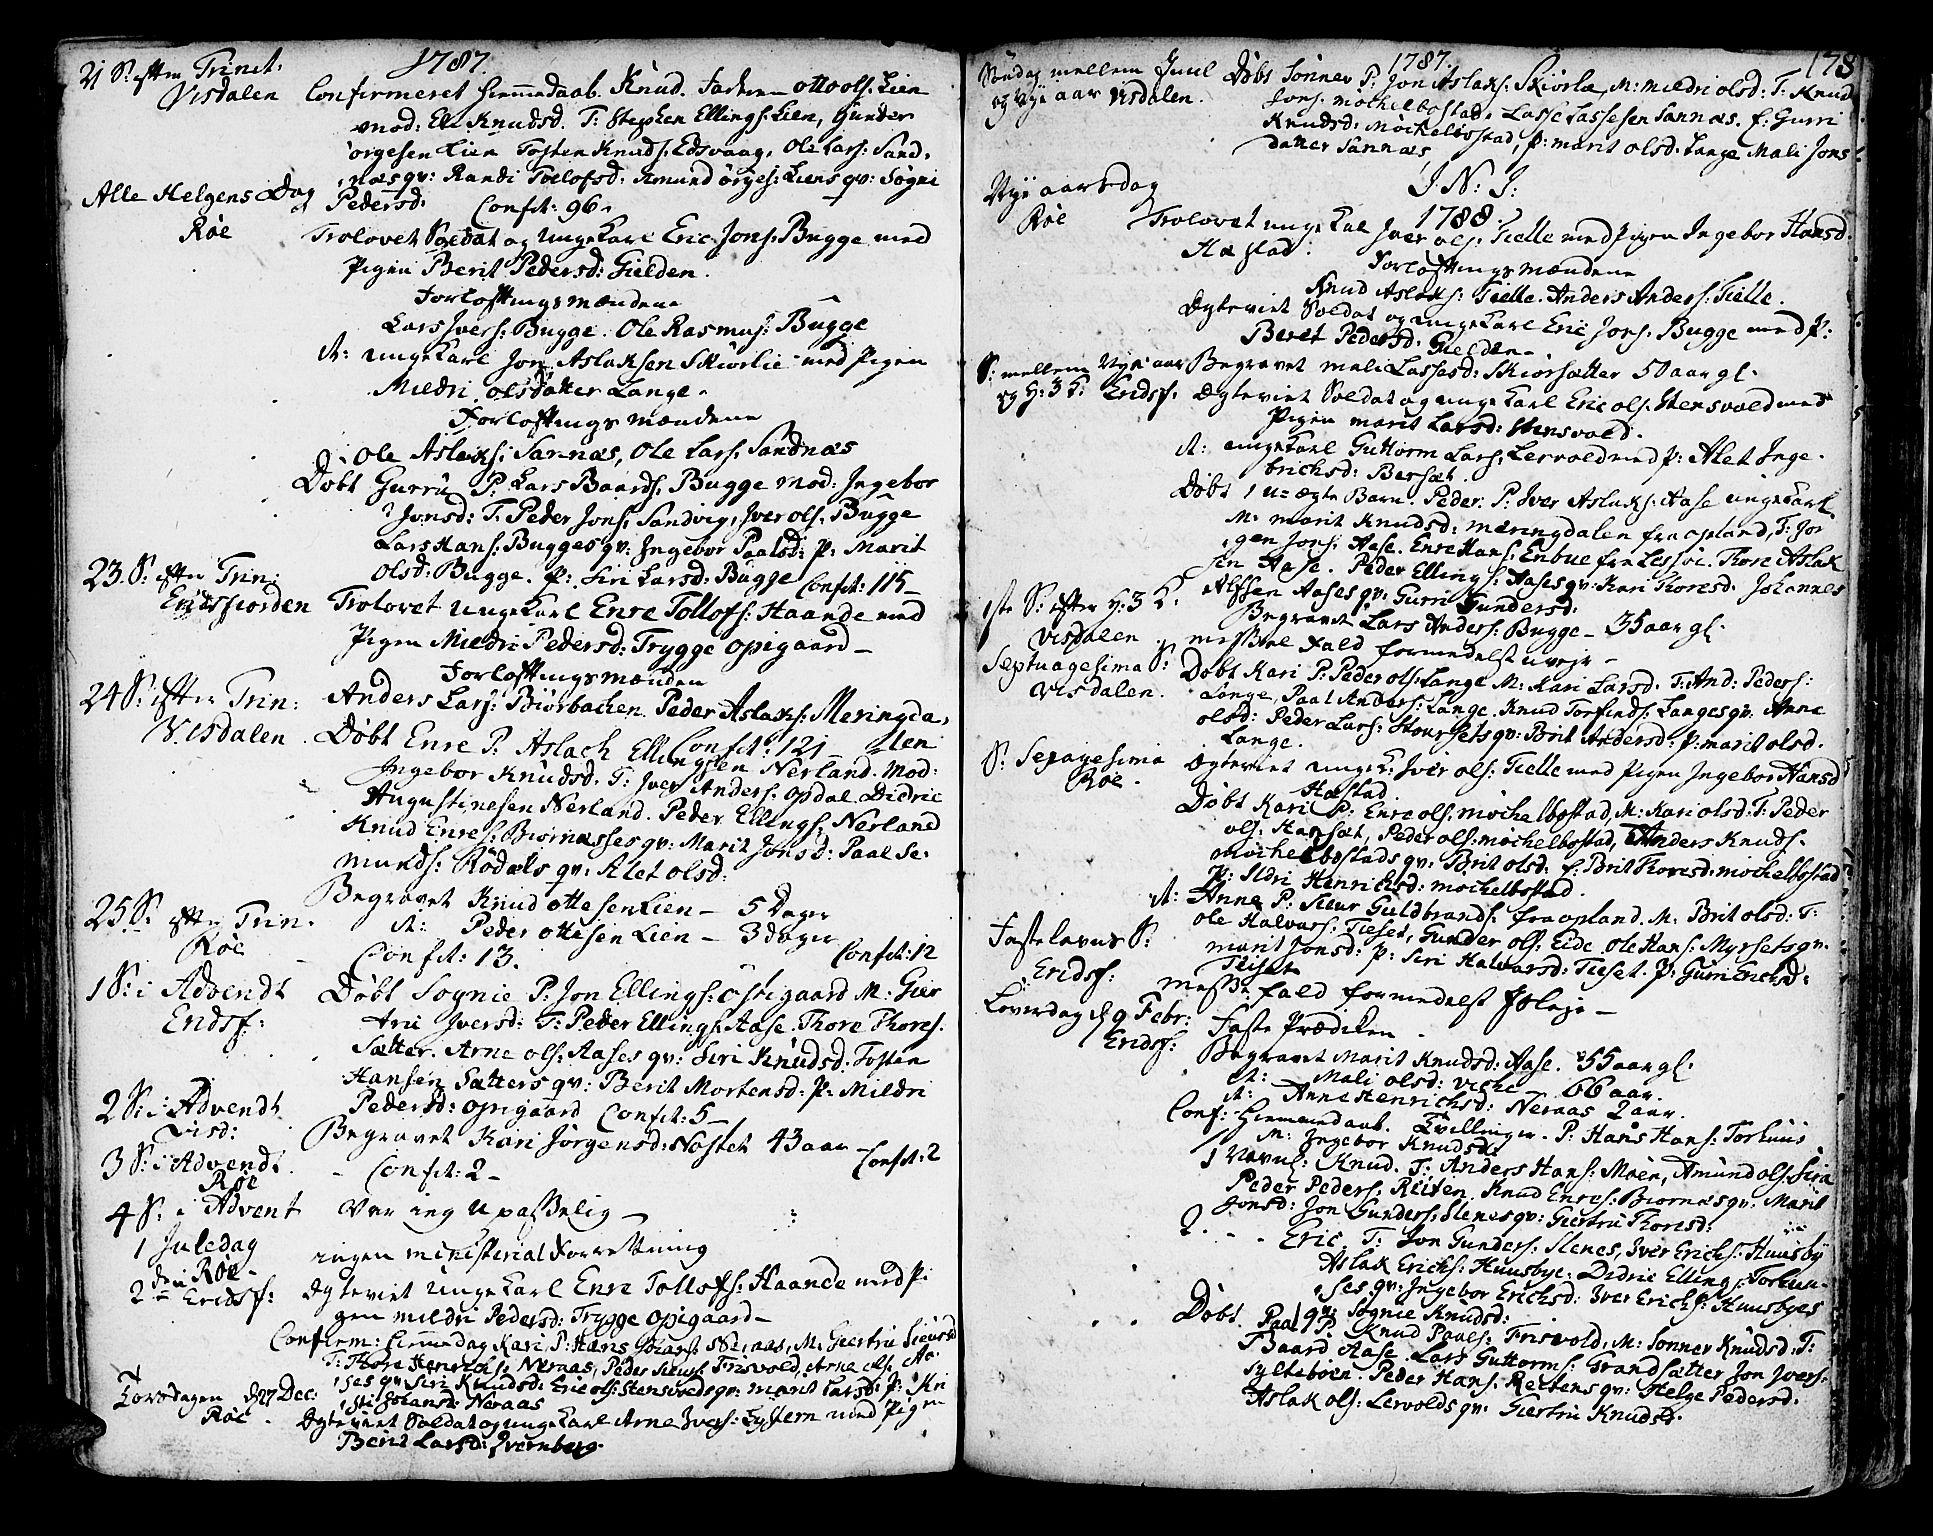 SAT, Ministerialprotokoller, klokkerbøker og fødselsregistre - Møre og Romsdal, 551/L0621: Ministerialbok nr. 551A01, 1757-1803, s. 178